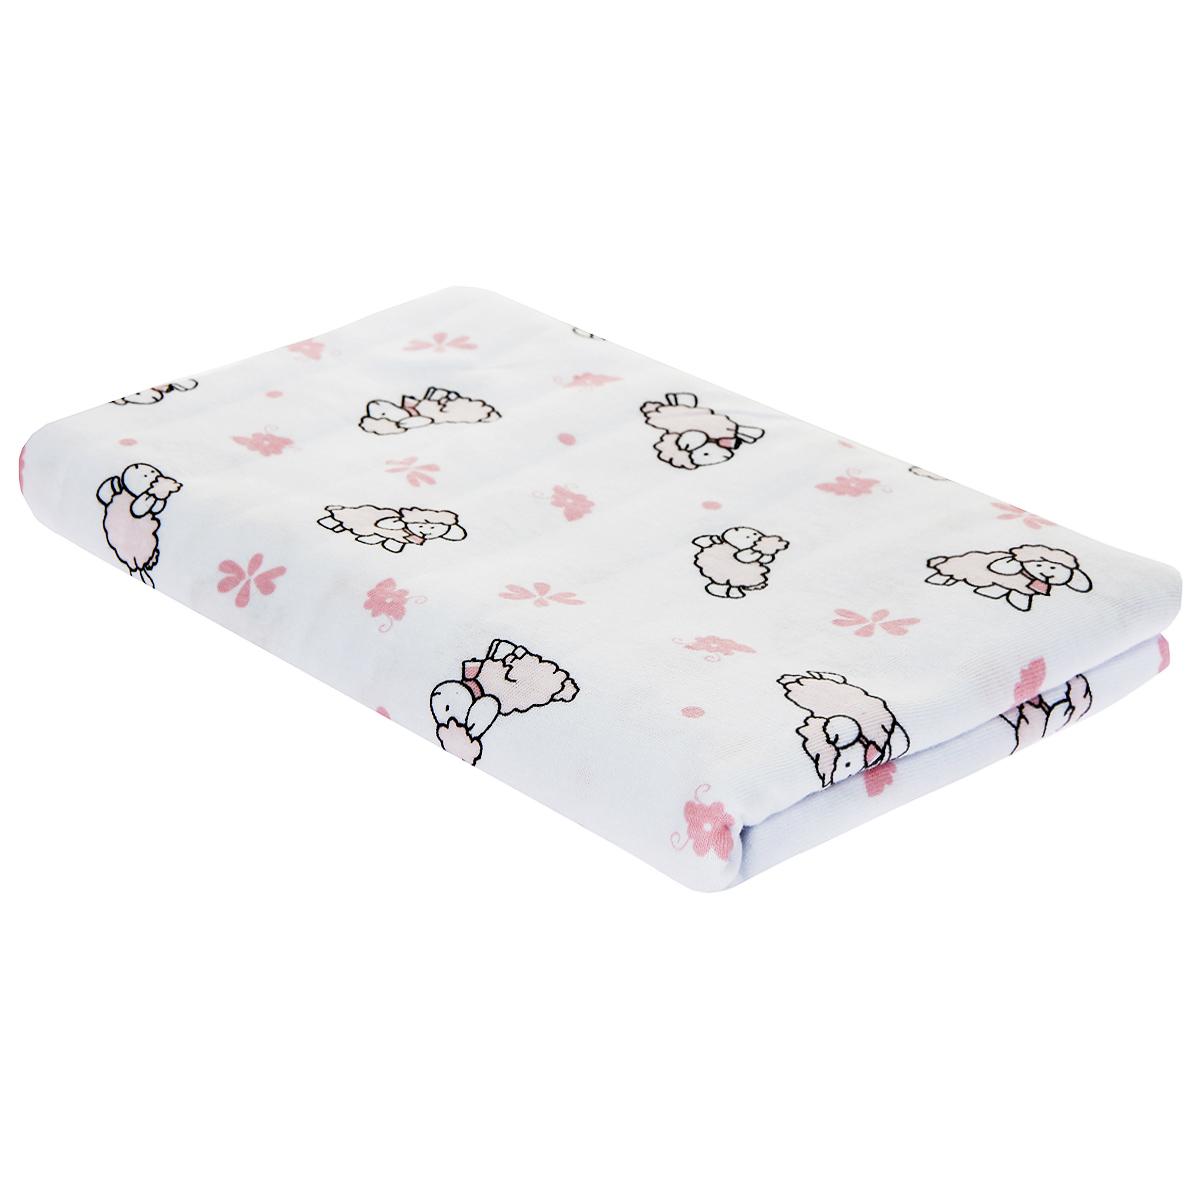 Пеленка детская Трон-Плюс, цвет: белый с розовыми коровками, 120 см х 90 см5411 роз корДетская пеленка Трон-Плюс подходит для пеленания ребенка с самого рождения. Она невероятно мягкая и нежная на ощупь. Пеленка выполнена из футера - хлопчатобумажной ткани с небольшим начесом с изнаночной стороны. Такая ткань прекрасно дышит, она гипоаллергенна, обладает повышенными теплоизоляционными свойствами и не теряет формы после стирки. Мягкая ткань укутывает малыша с необычайной нежностью. Пеленку также можно использовать как легкое одеяло в теплую погоду, простынку, полотенце после купания, накидку для кормления грудью или как согревающий компресс при коликах. Пеленочка белого цвета оформлена изображениями розовых облаков и коровок. Ее размер подходит для пеленания даже крупного малыша. Характеристики: Размер пеленки: 120 см x 90 см.